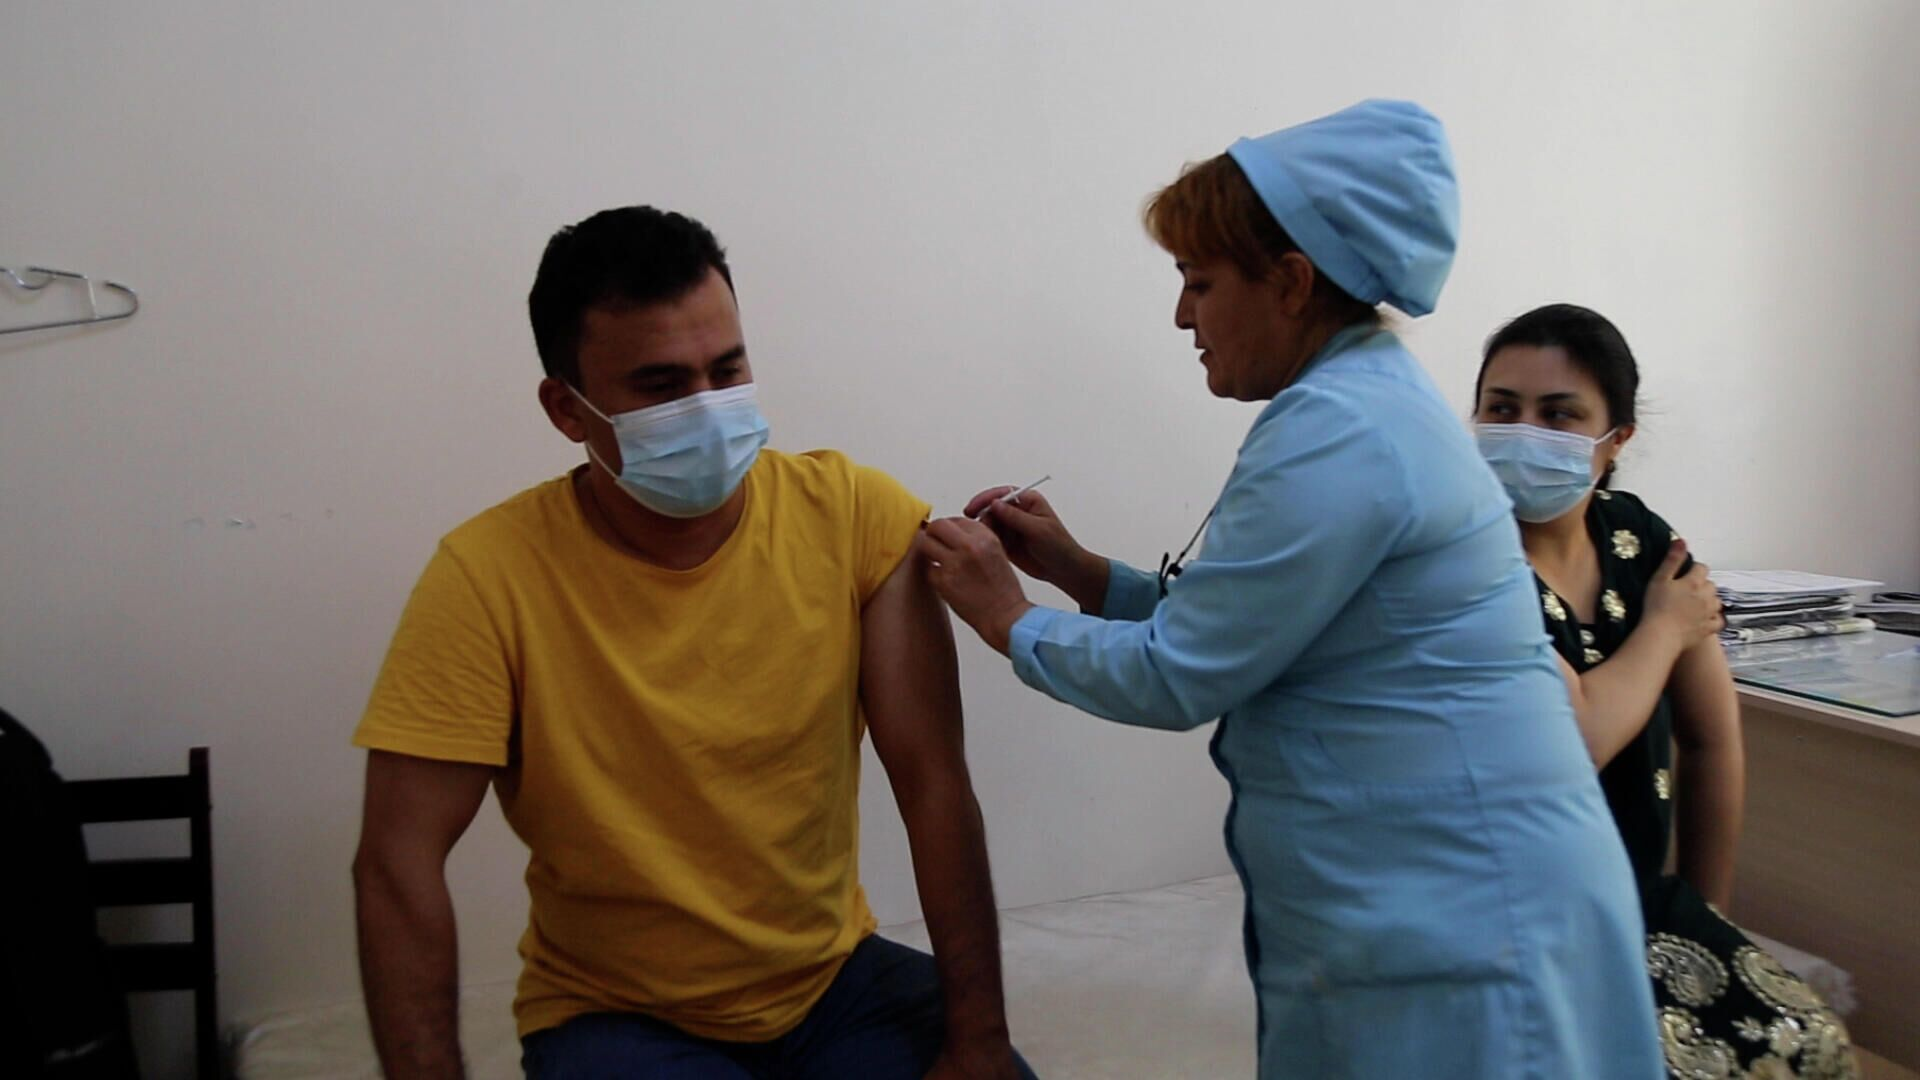 Вакцинация от коронавируса в Таджикистане - Sputnik Тоҷикистон, 1920, 23.07.2021